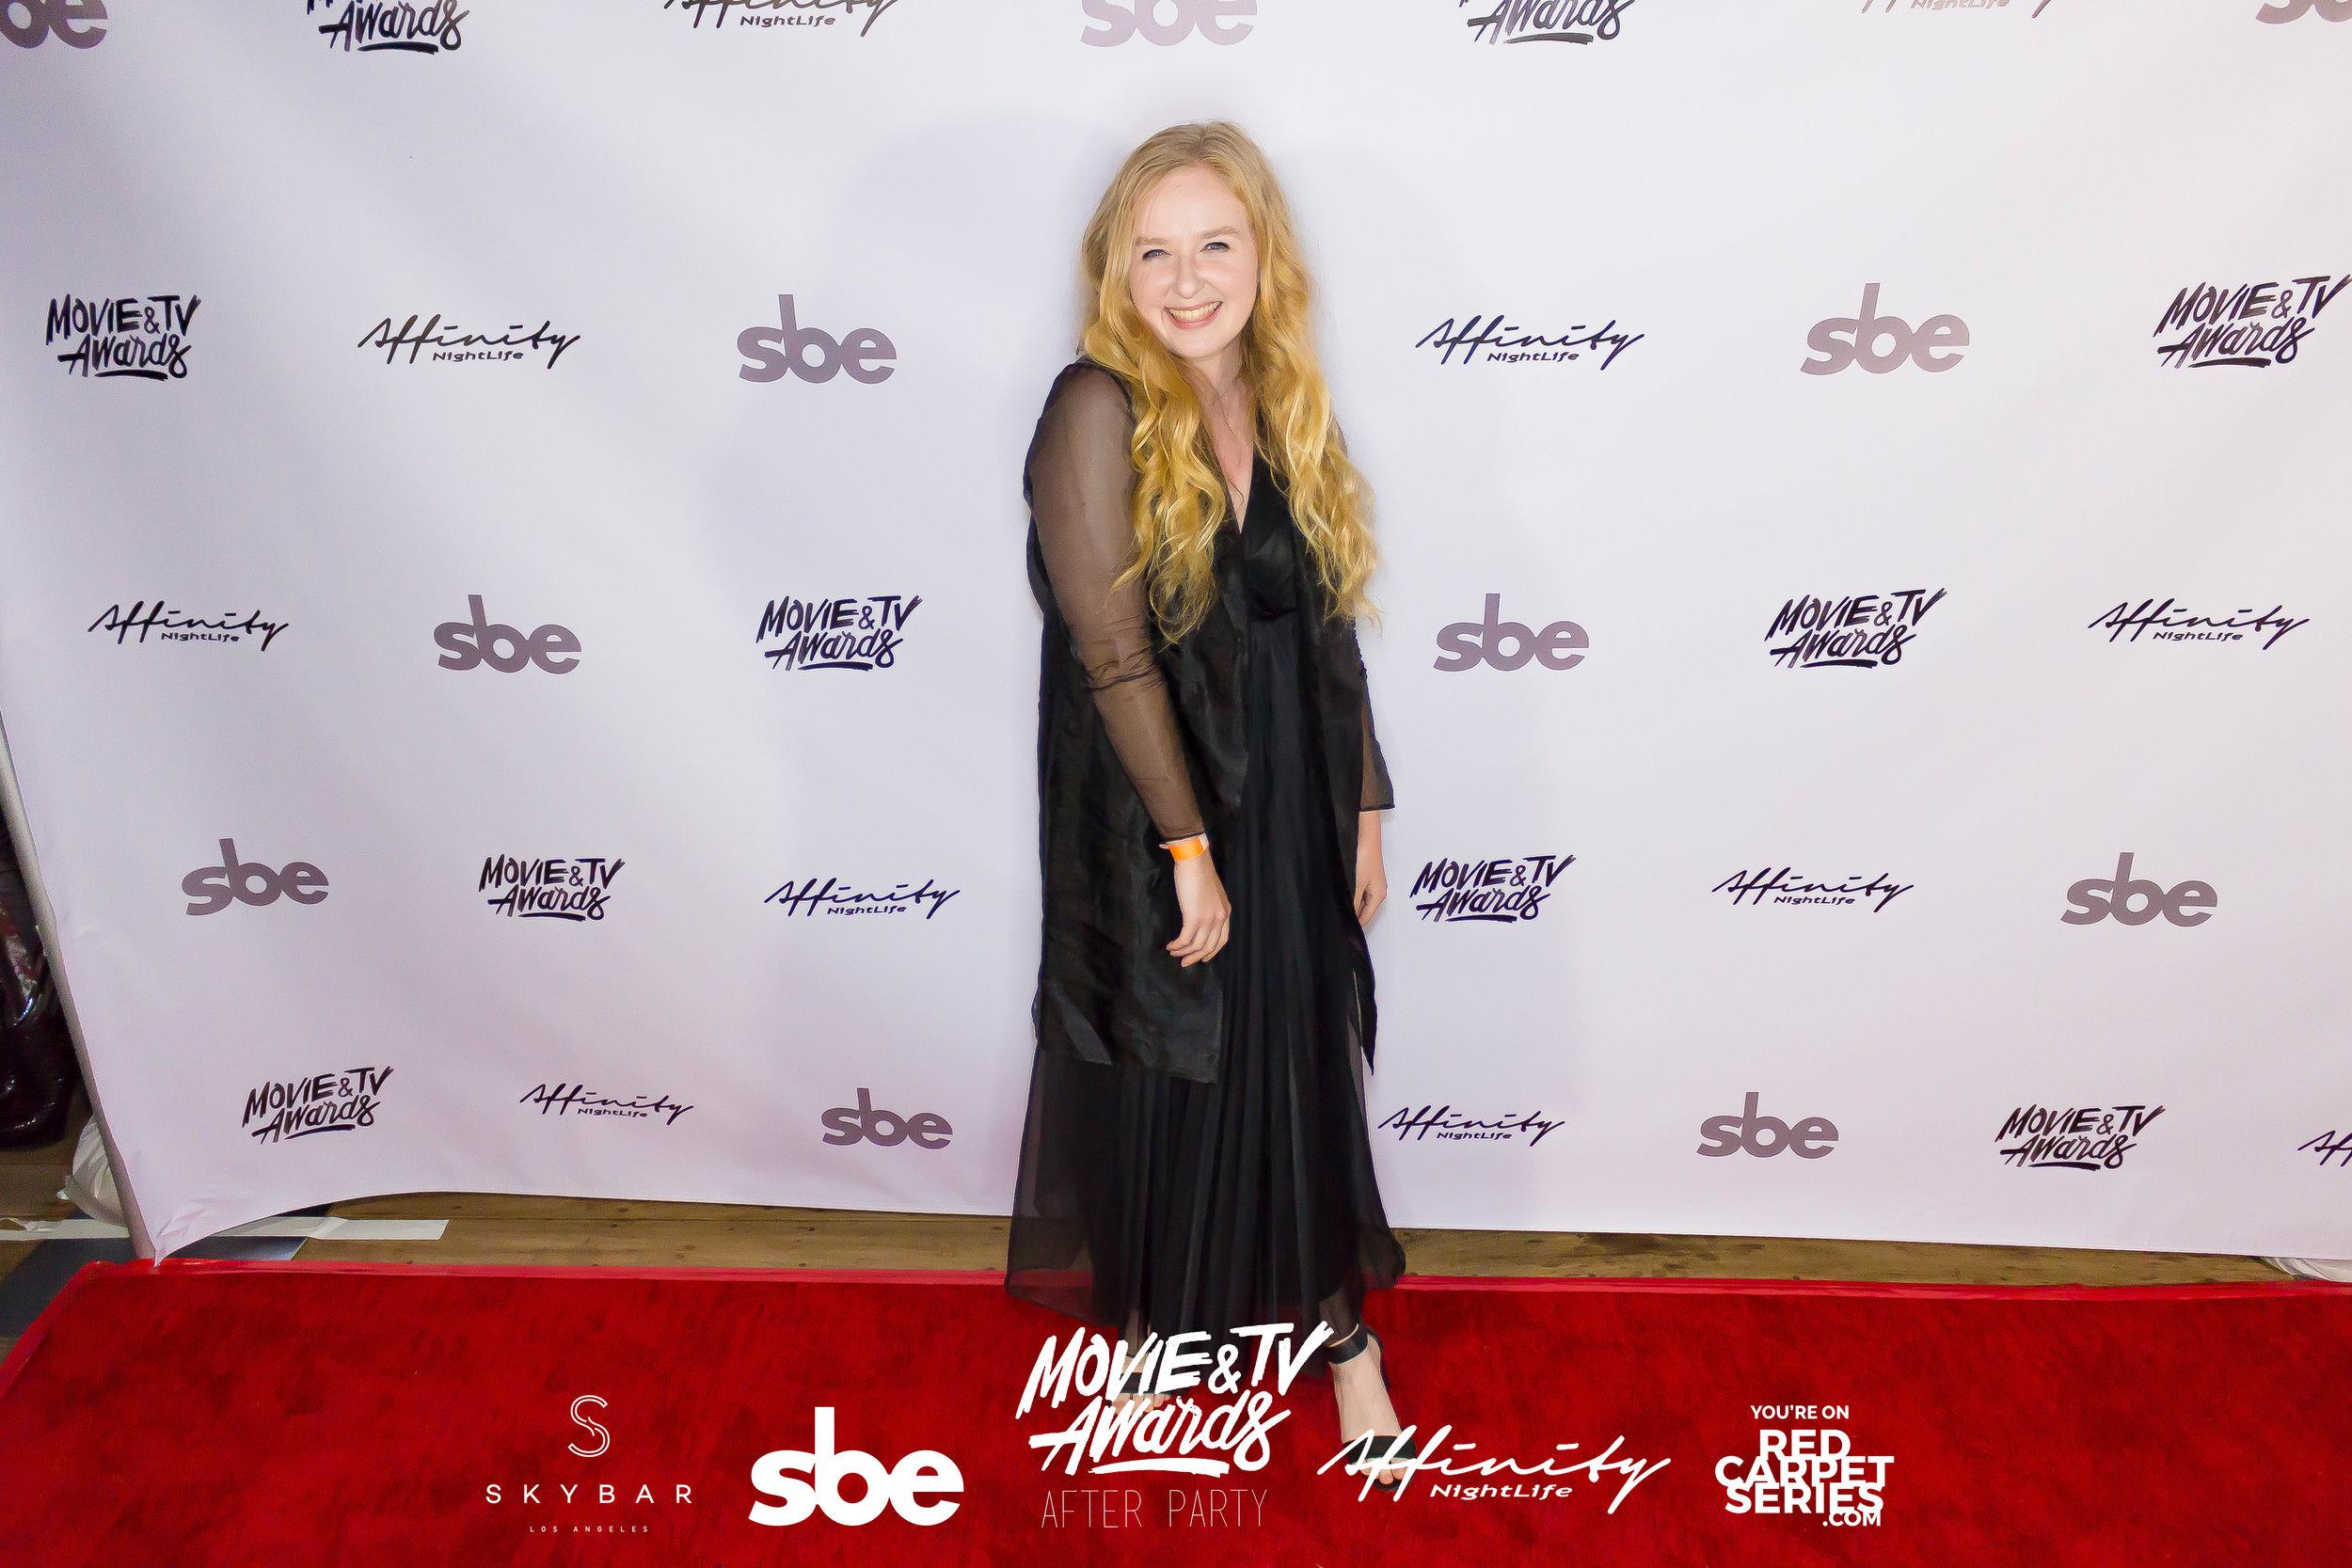 Affinity Nightlife MTV Movie & TV Awards After Party - Skybar at Mondrian - 06-15-19 - Vol. 2_62.jpg